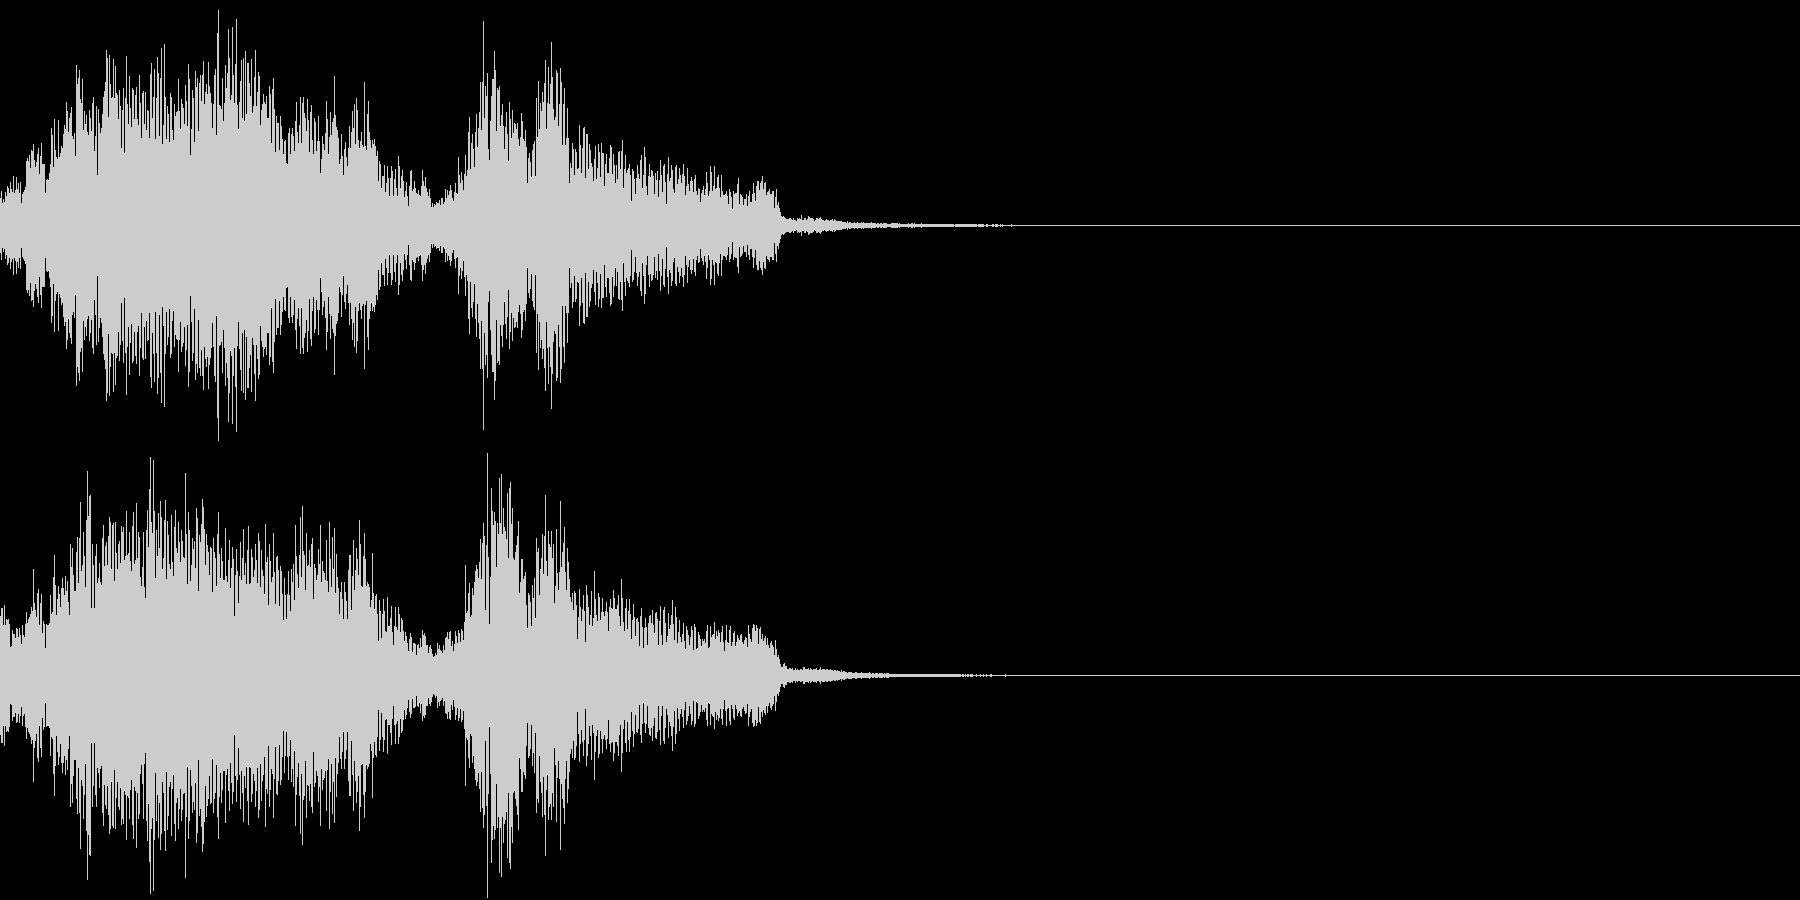 Monster 未知の生物の発する音声3の未再生の波形